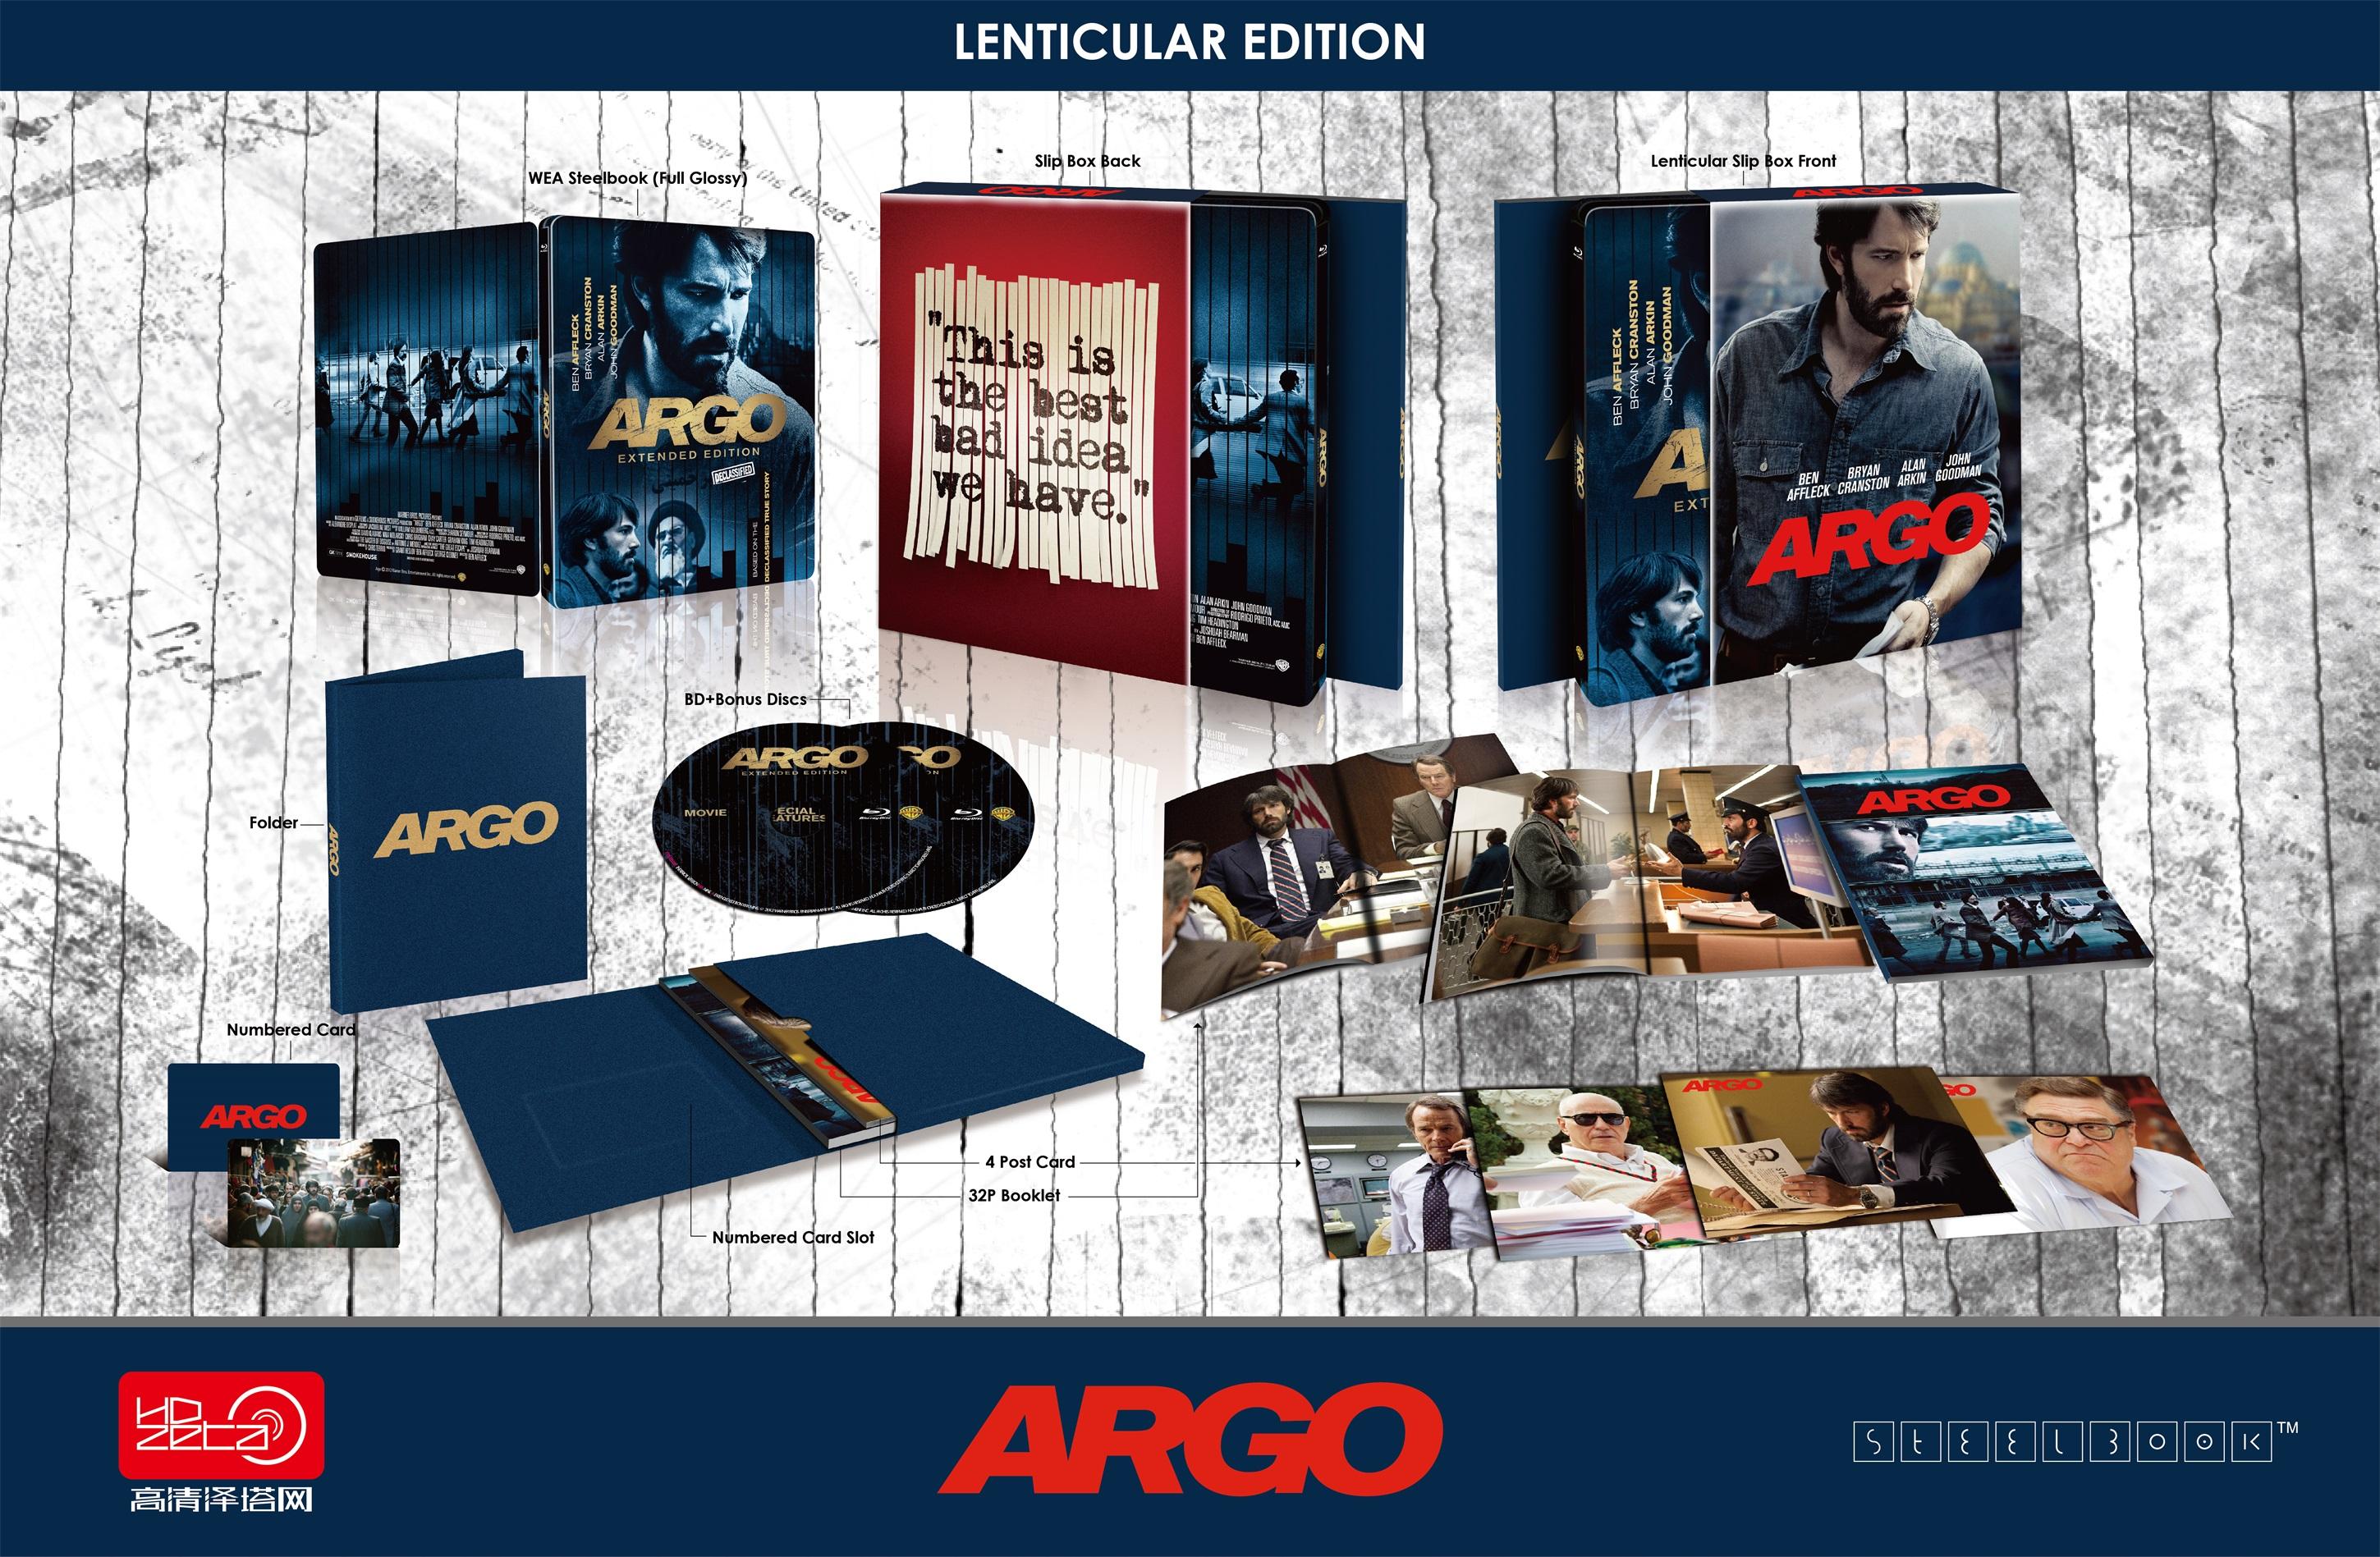 アルゴ HDZeta スチールブック Argo steelbook